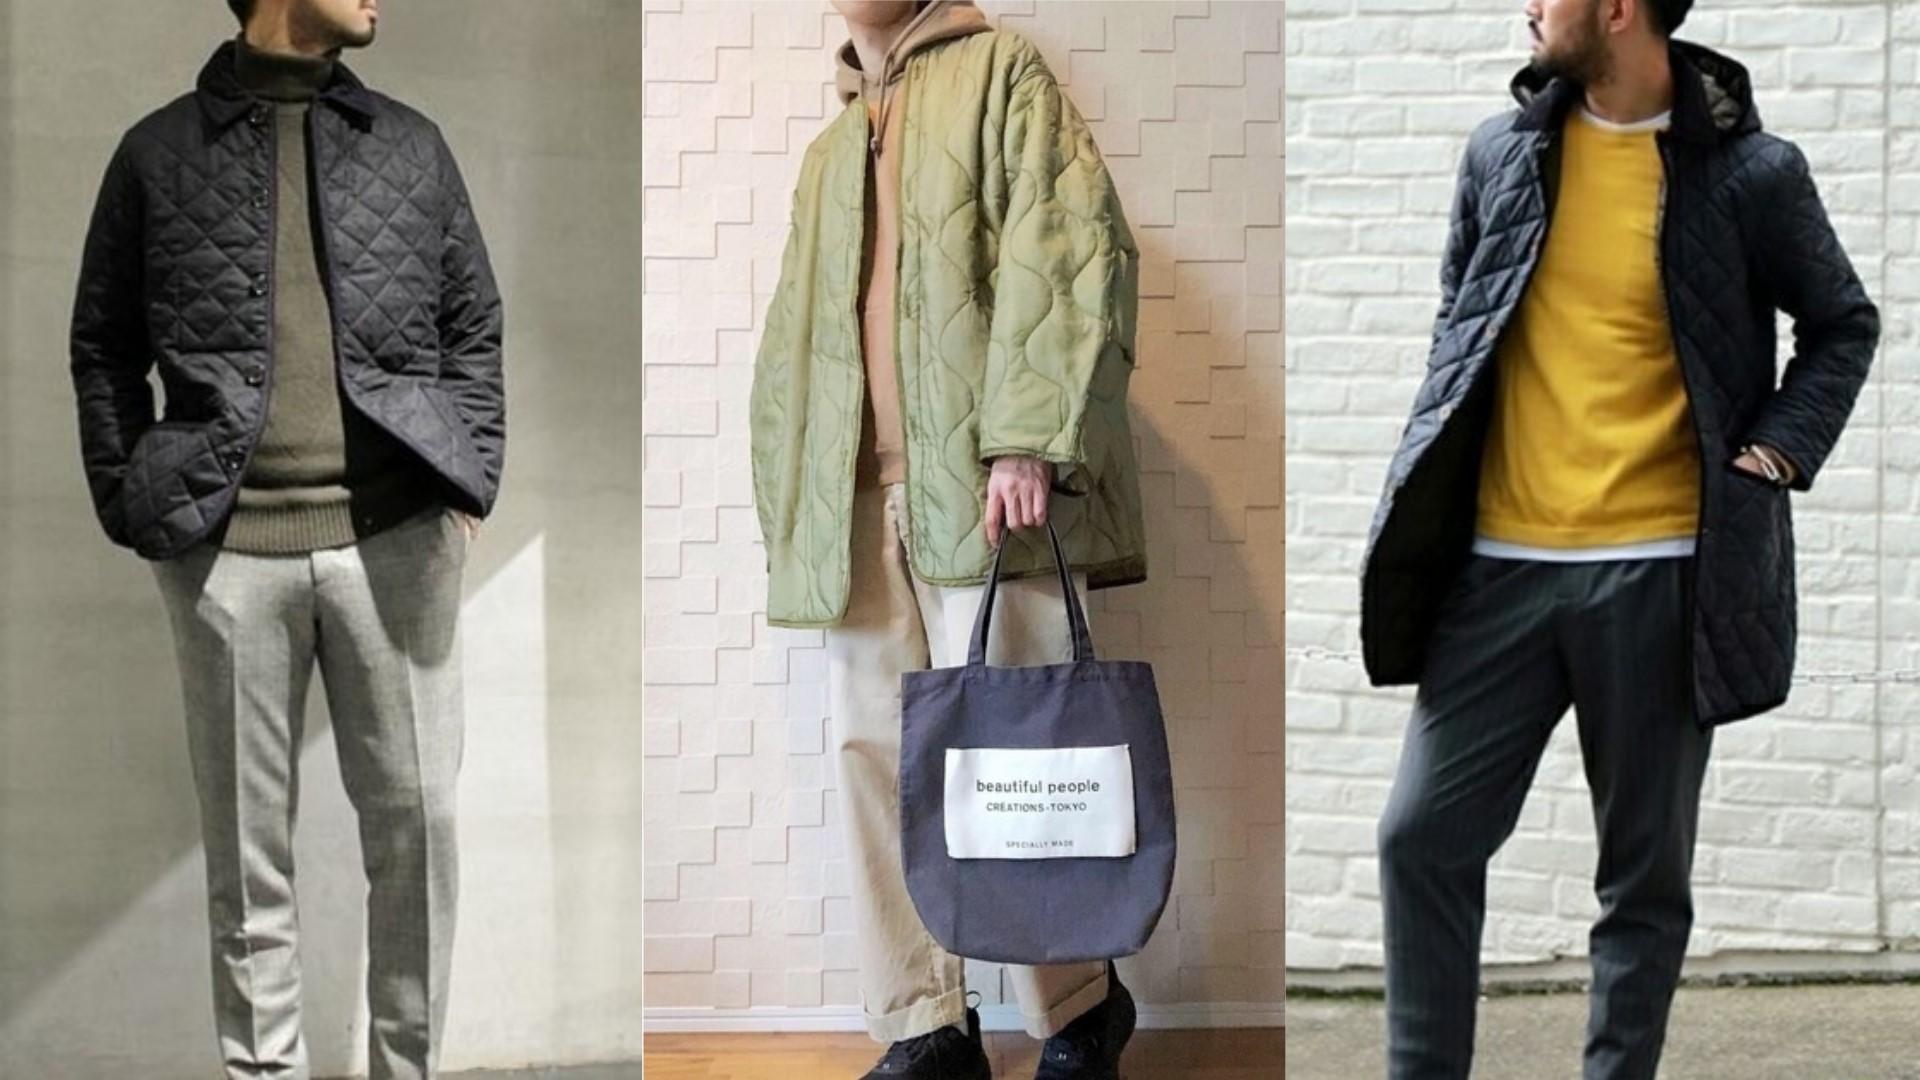 面對暖冬這件就夠!用「絎縫外套」輕鬆打造出男子的時髦印象